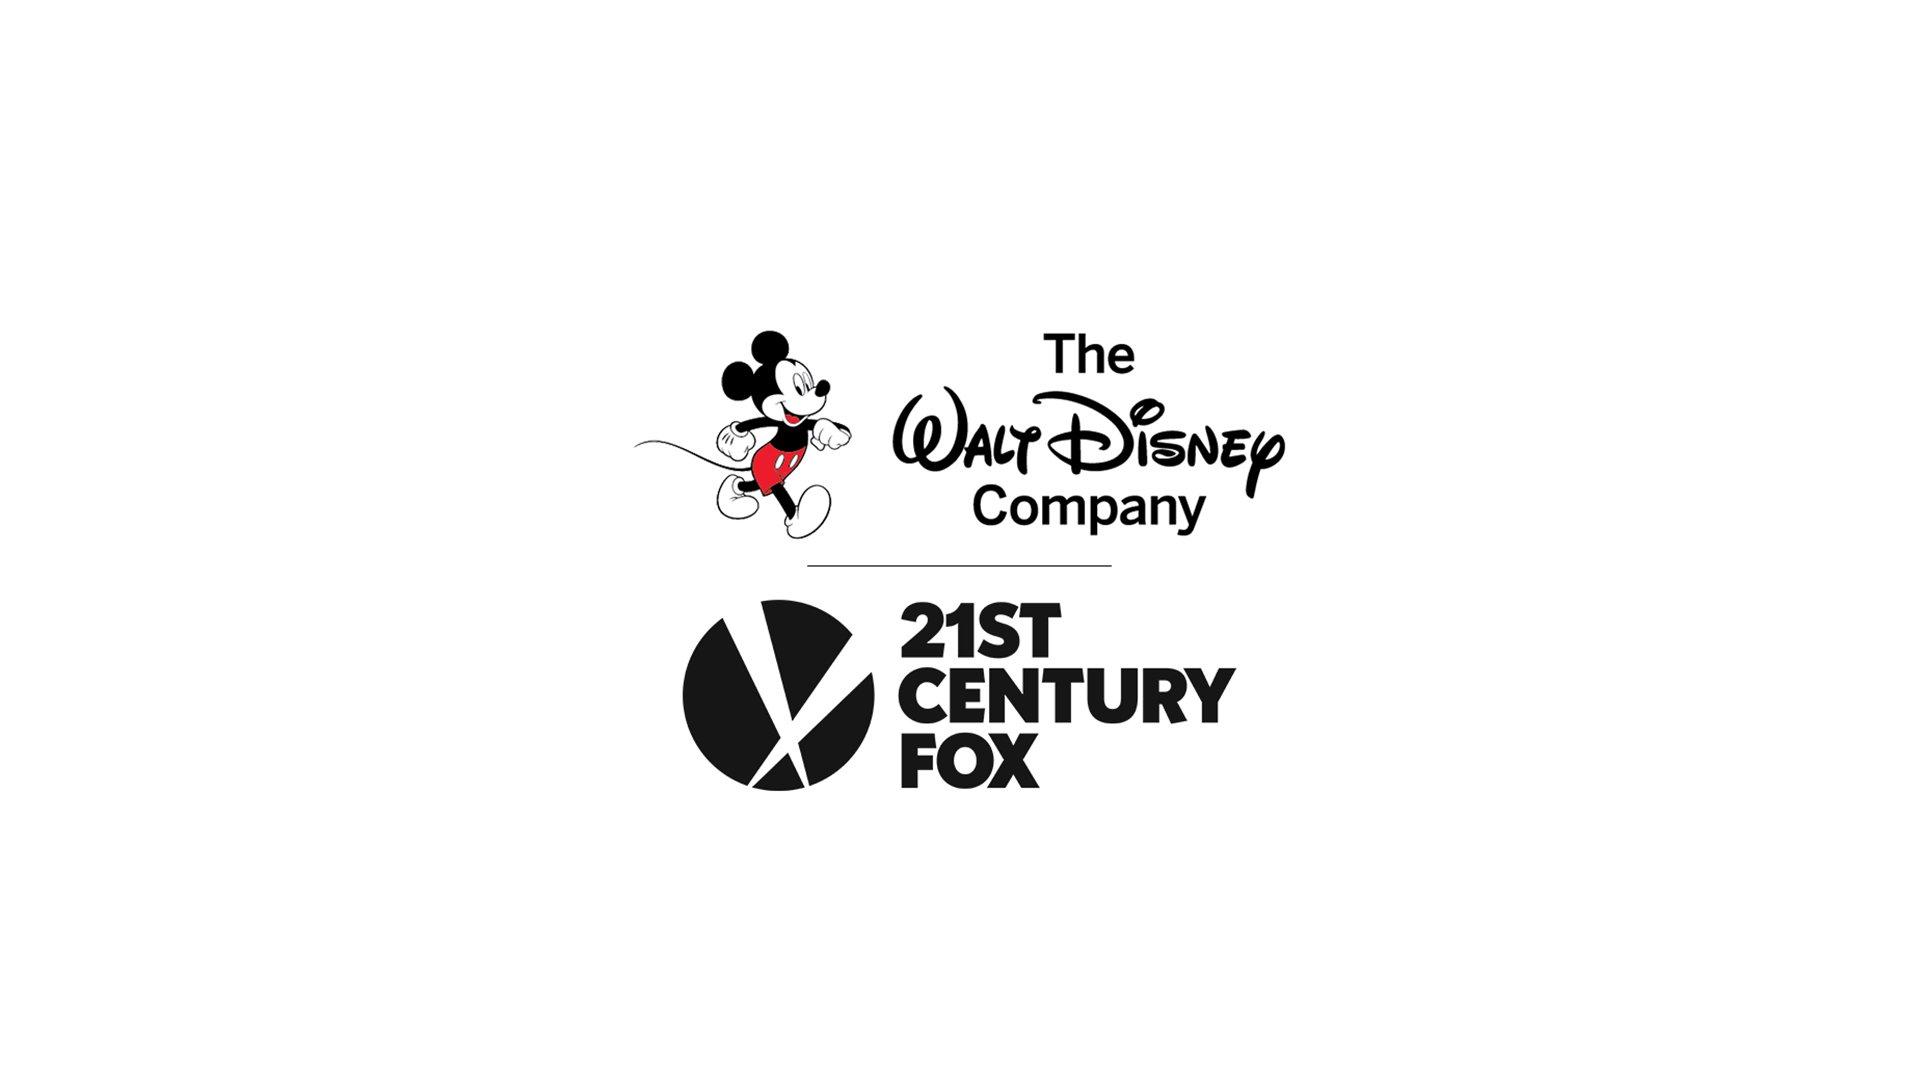 I progetti annullati da Disney dopo l'unione con Fox thumbnail